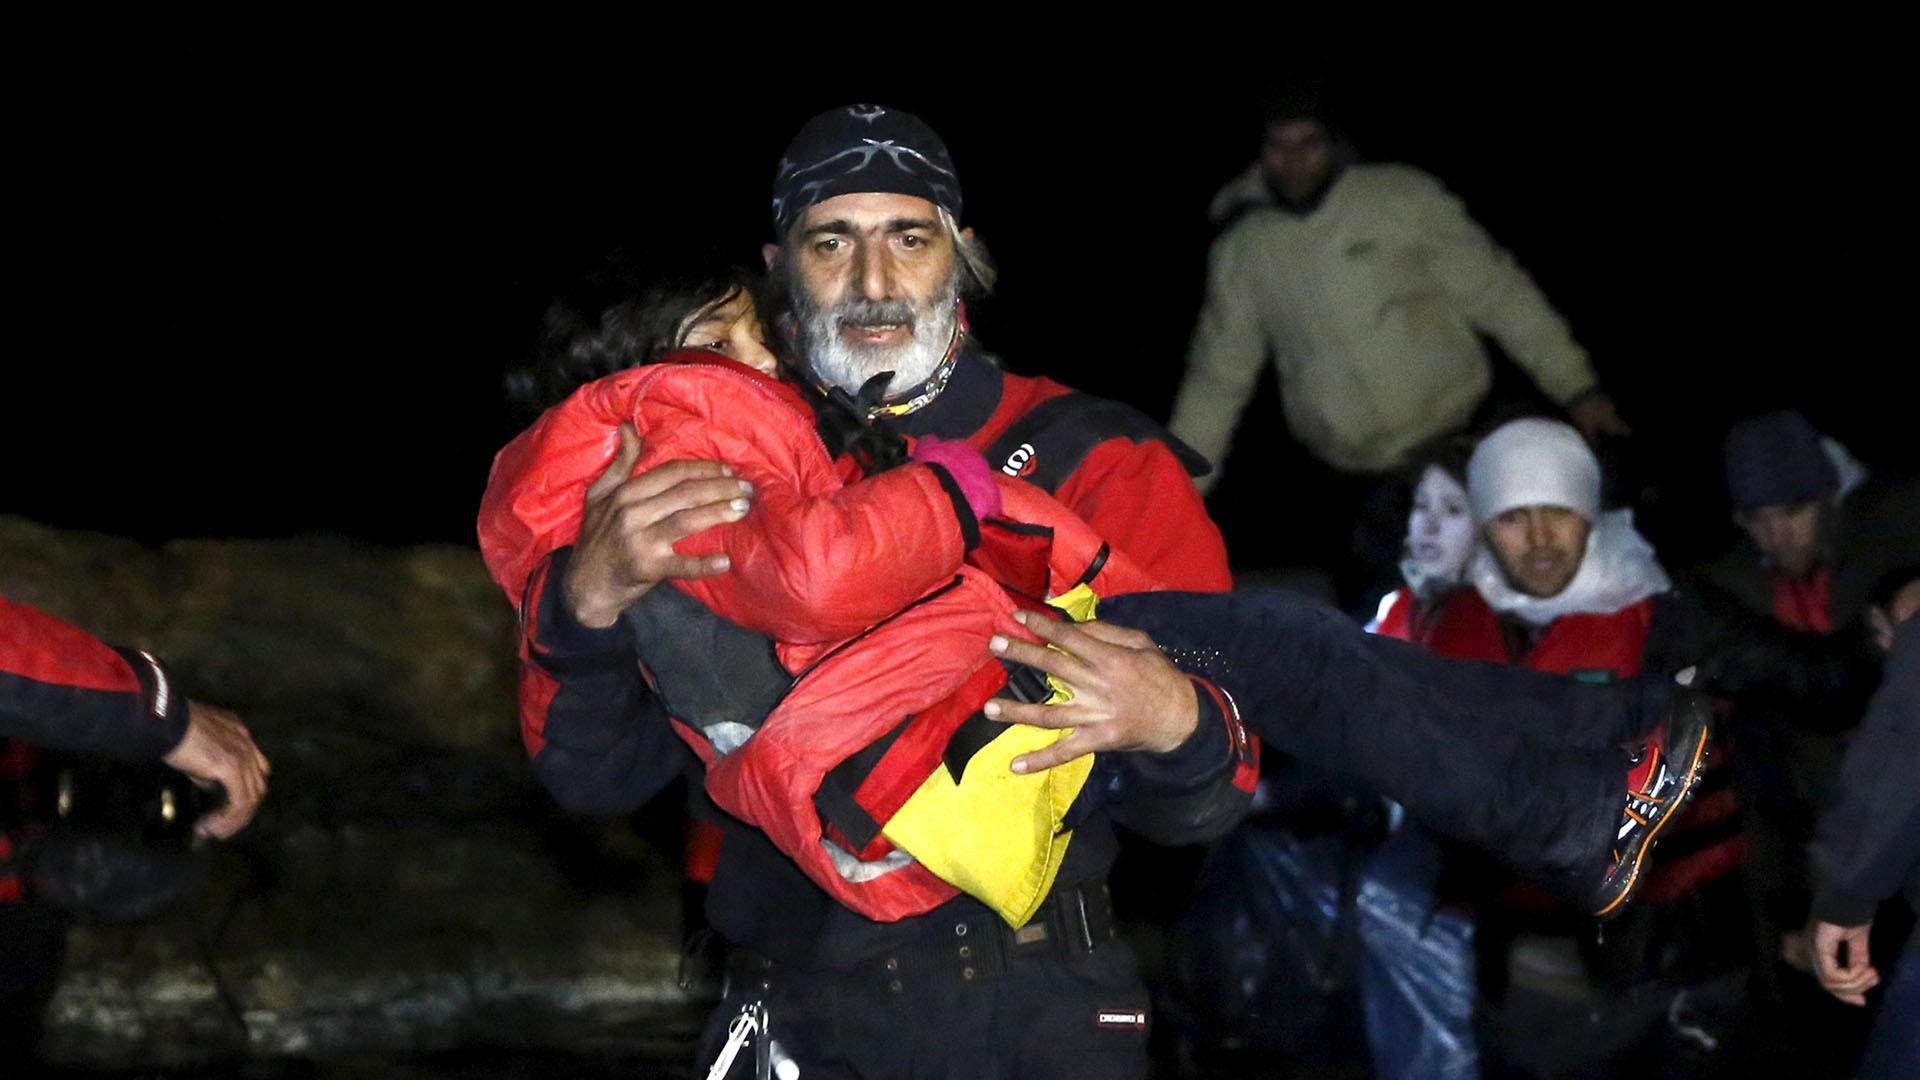 La mayoría de los inmigrantes huyen de la guerra civil en Siria